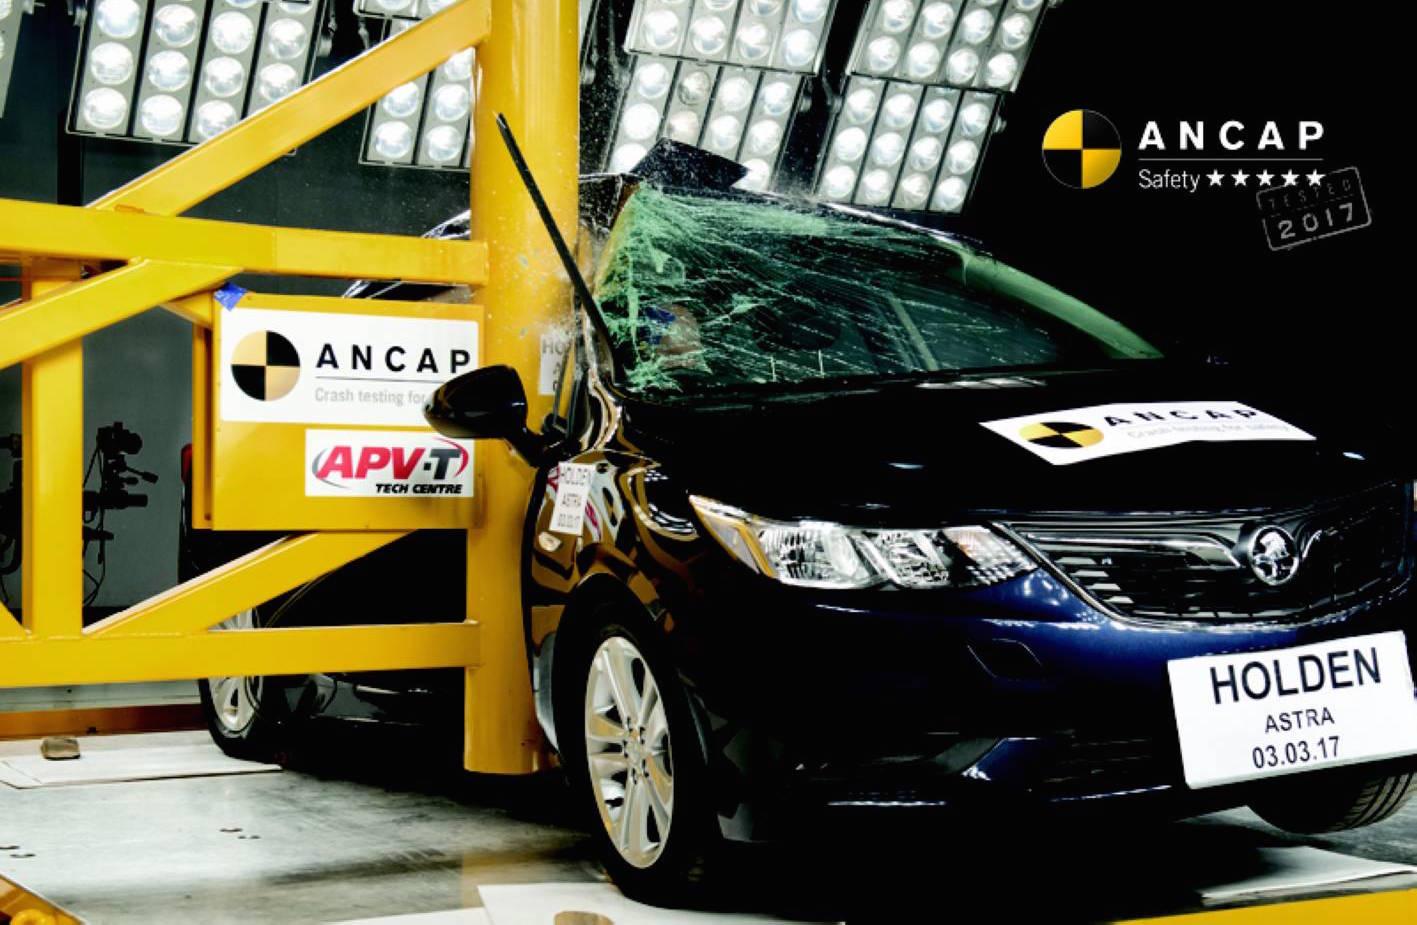 New Subaru XV Holden Astra sedan get 5star ANCAP rating